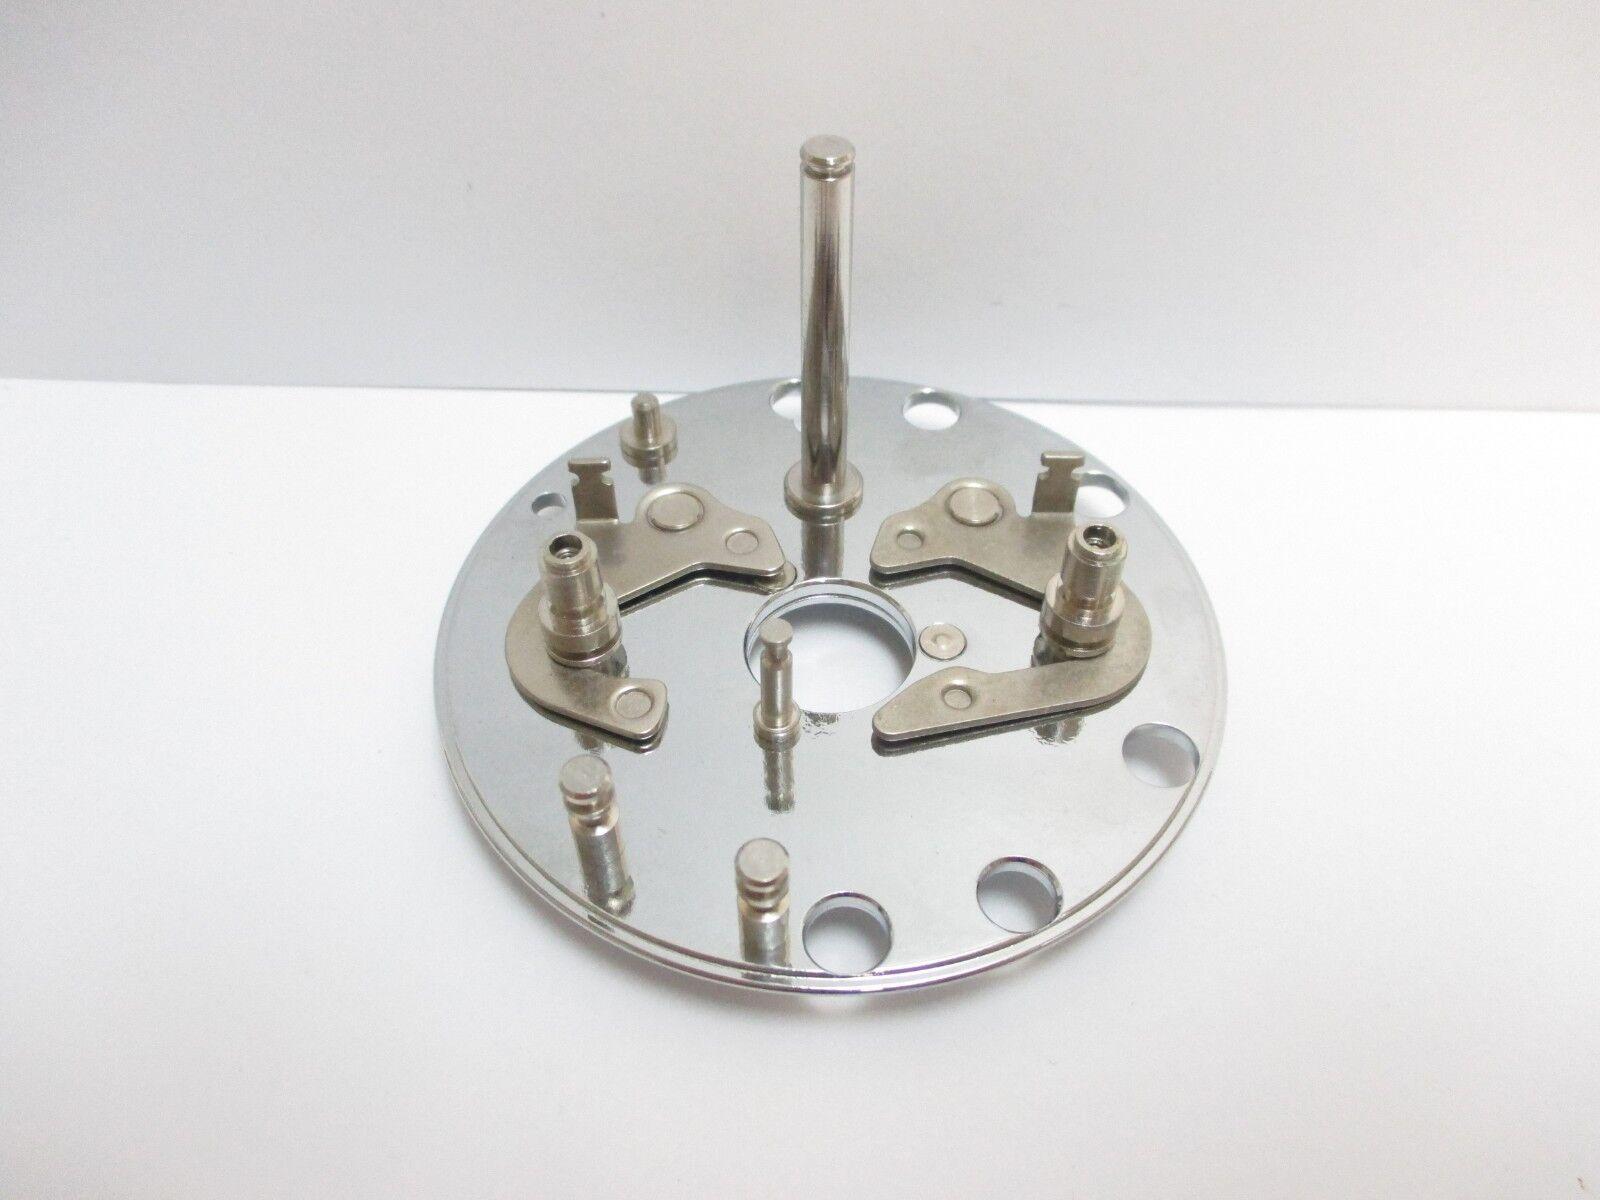 ABU GARCIA REEL PART - 22590 Ambassadeur 7500CT (07-00) - Brake Plate